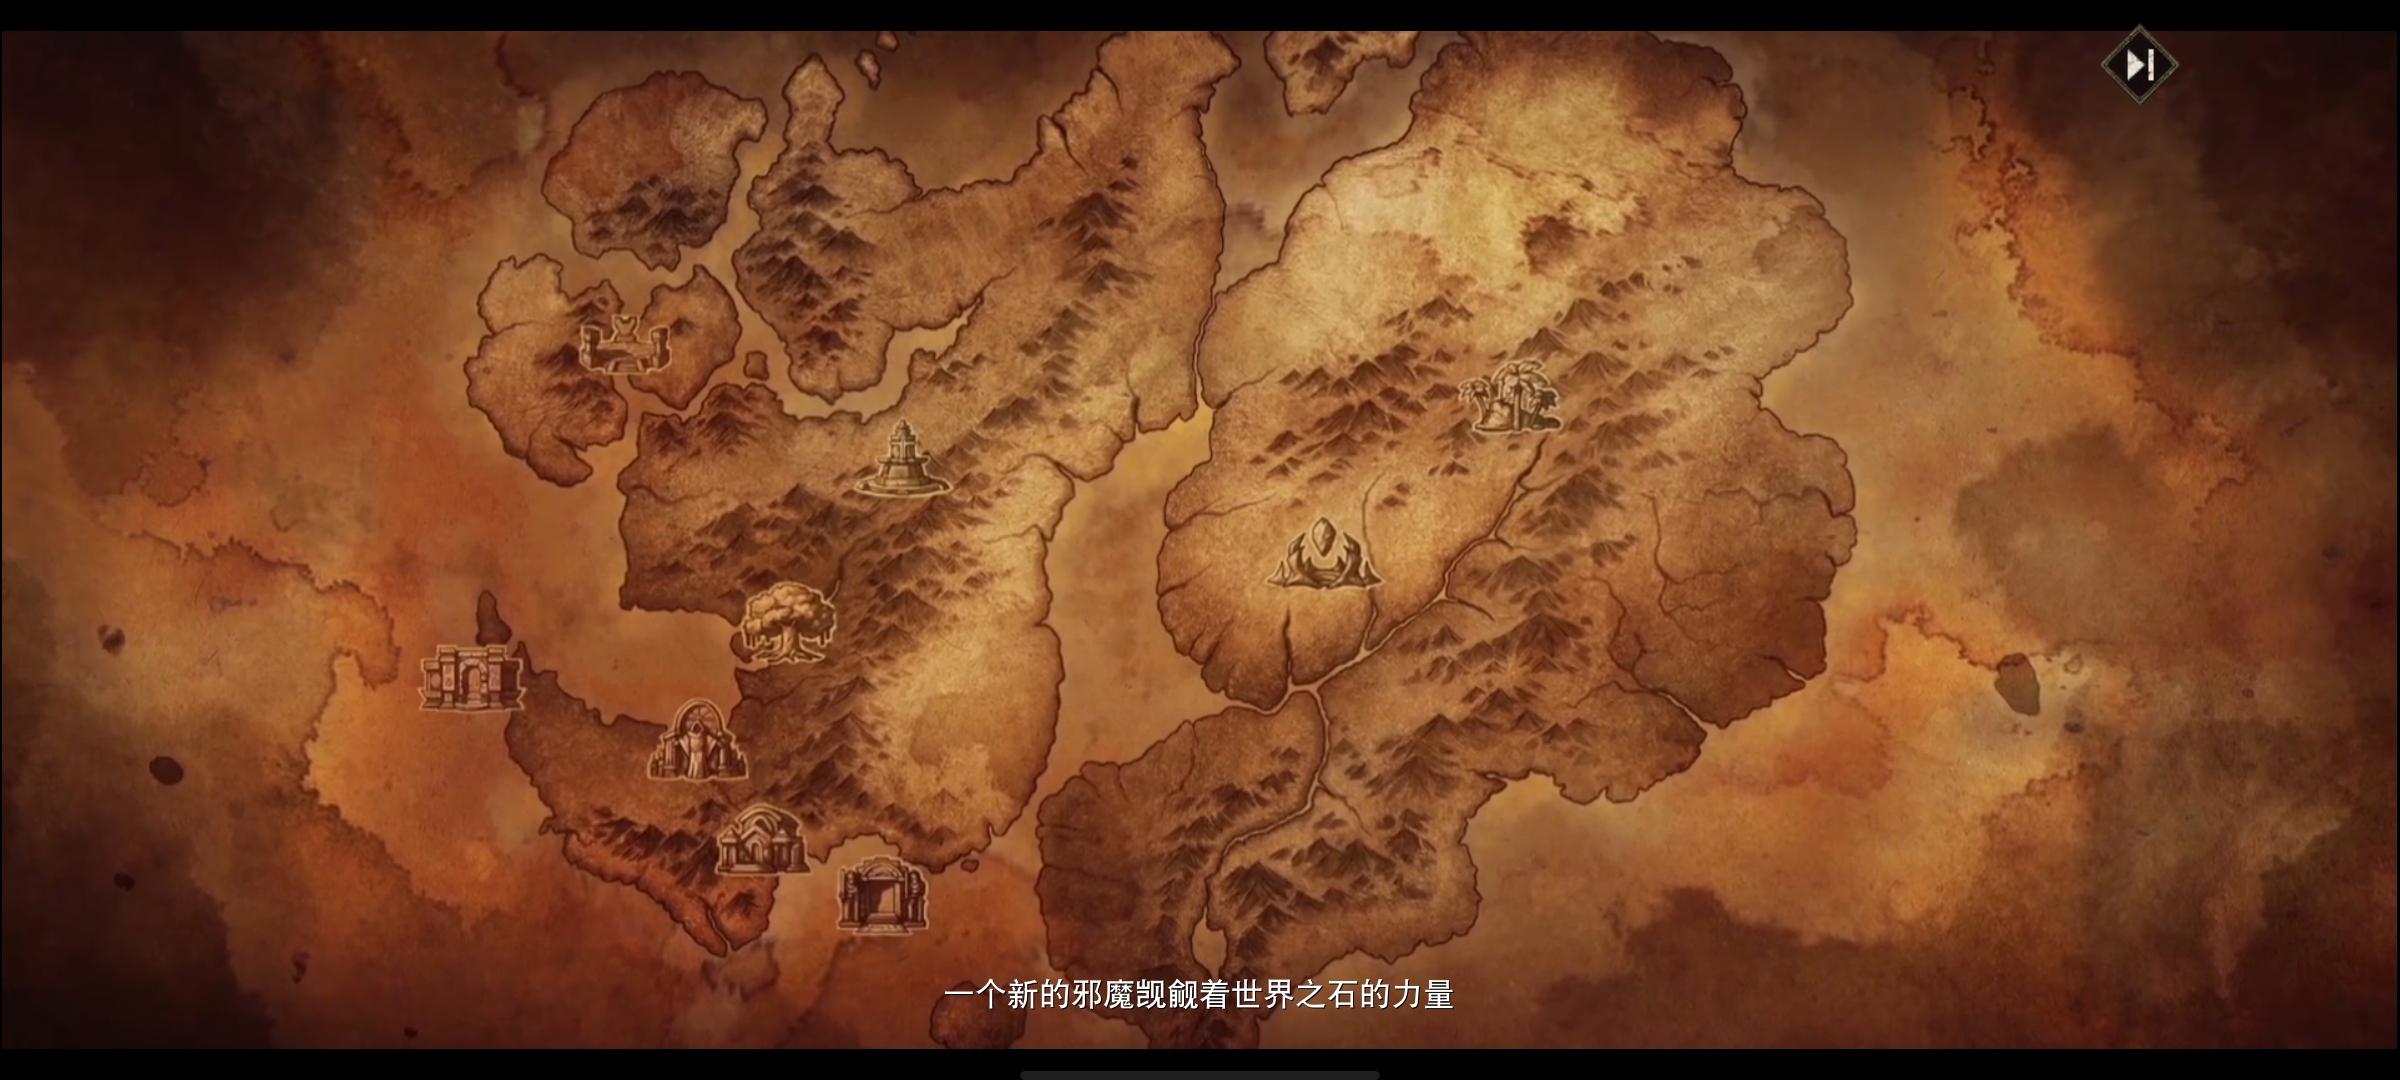 图1不朽地图.jpg